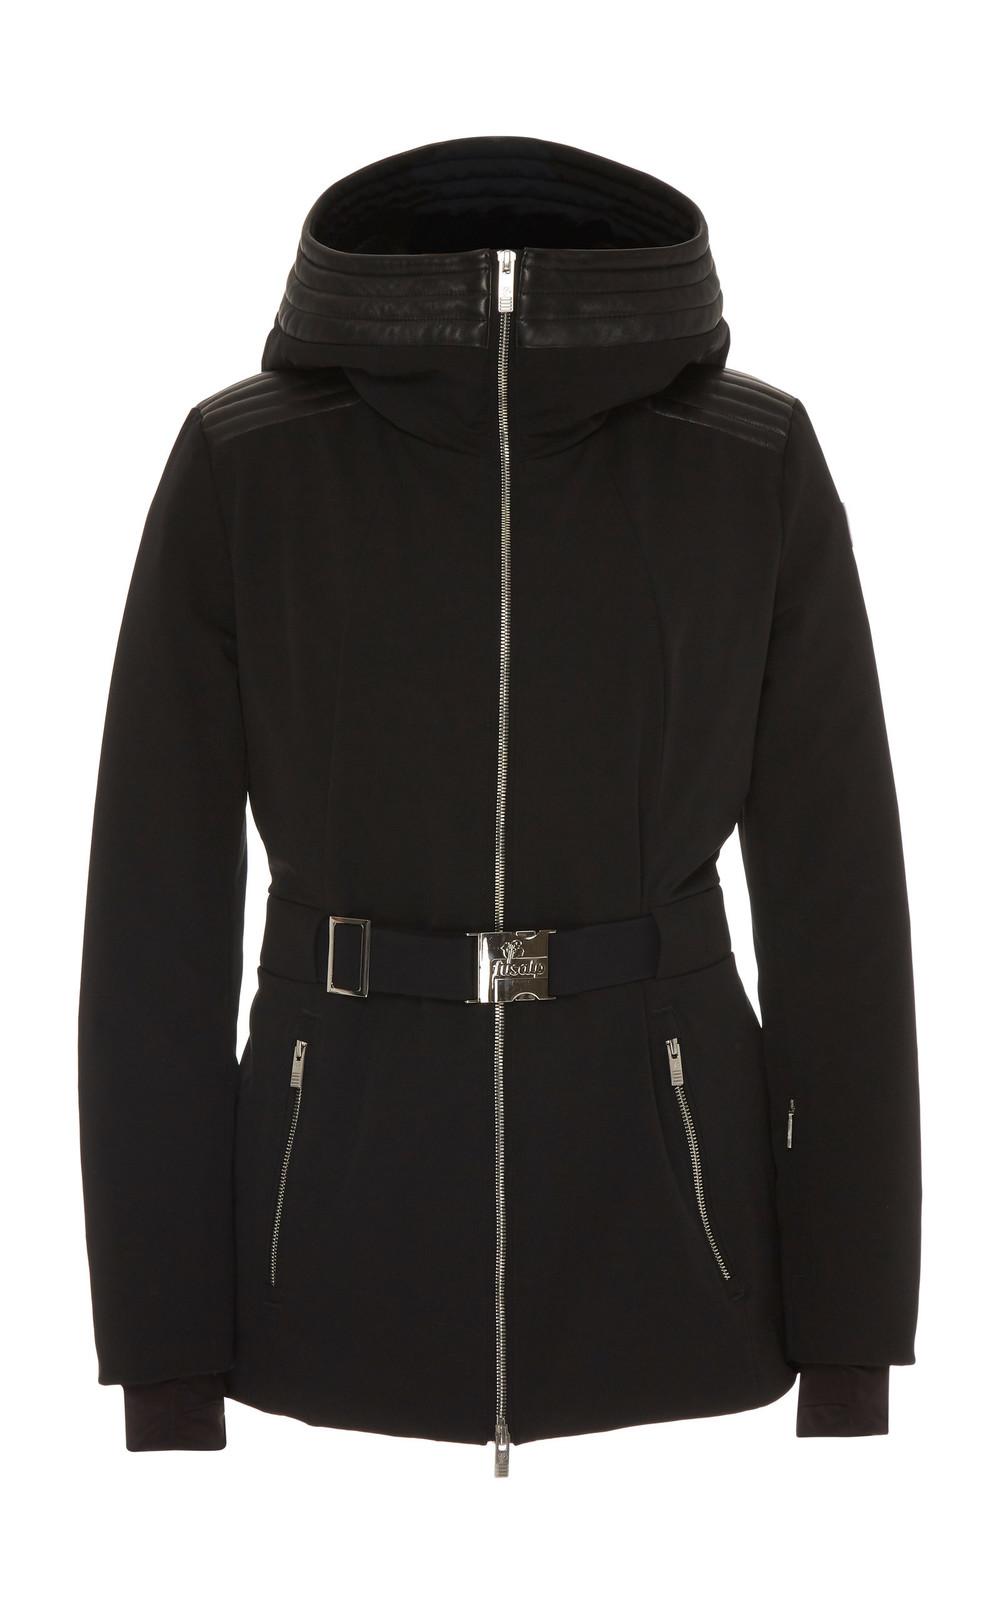 Fusalp Belted Leather-Trimmed Shell Ski Jacket Size: 36 in black